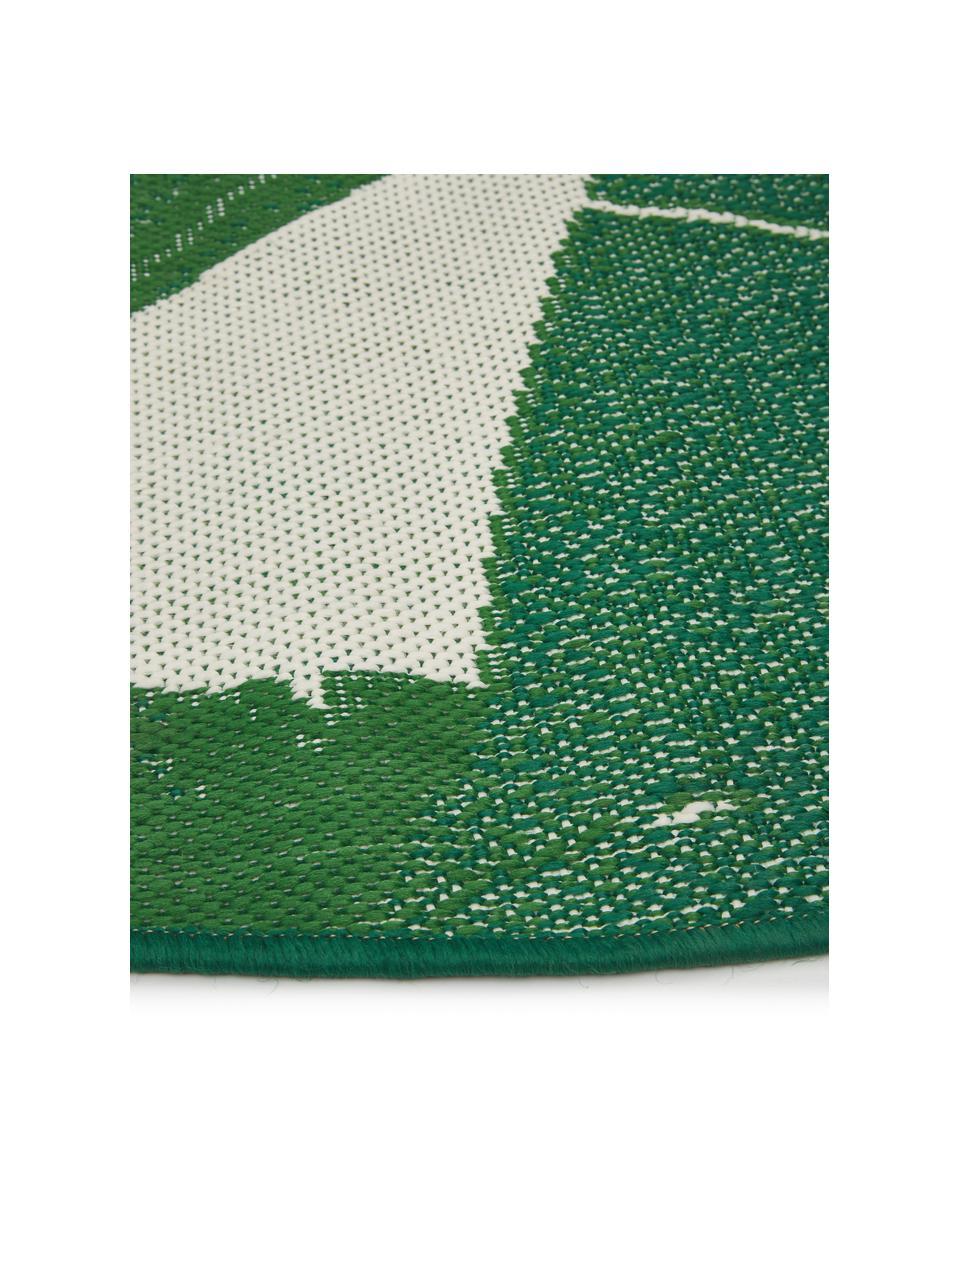 Dywan wewnętrzny/zewnętrzny Jungle, 86% polipropylen, 14% poliester, Biały, zielony, Ø 200 cm (Rozmiar L)